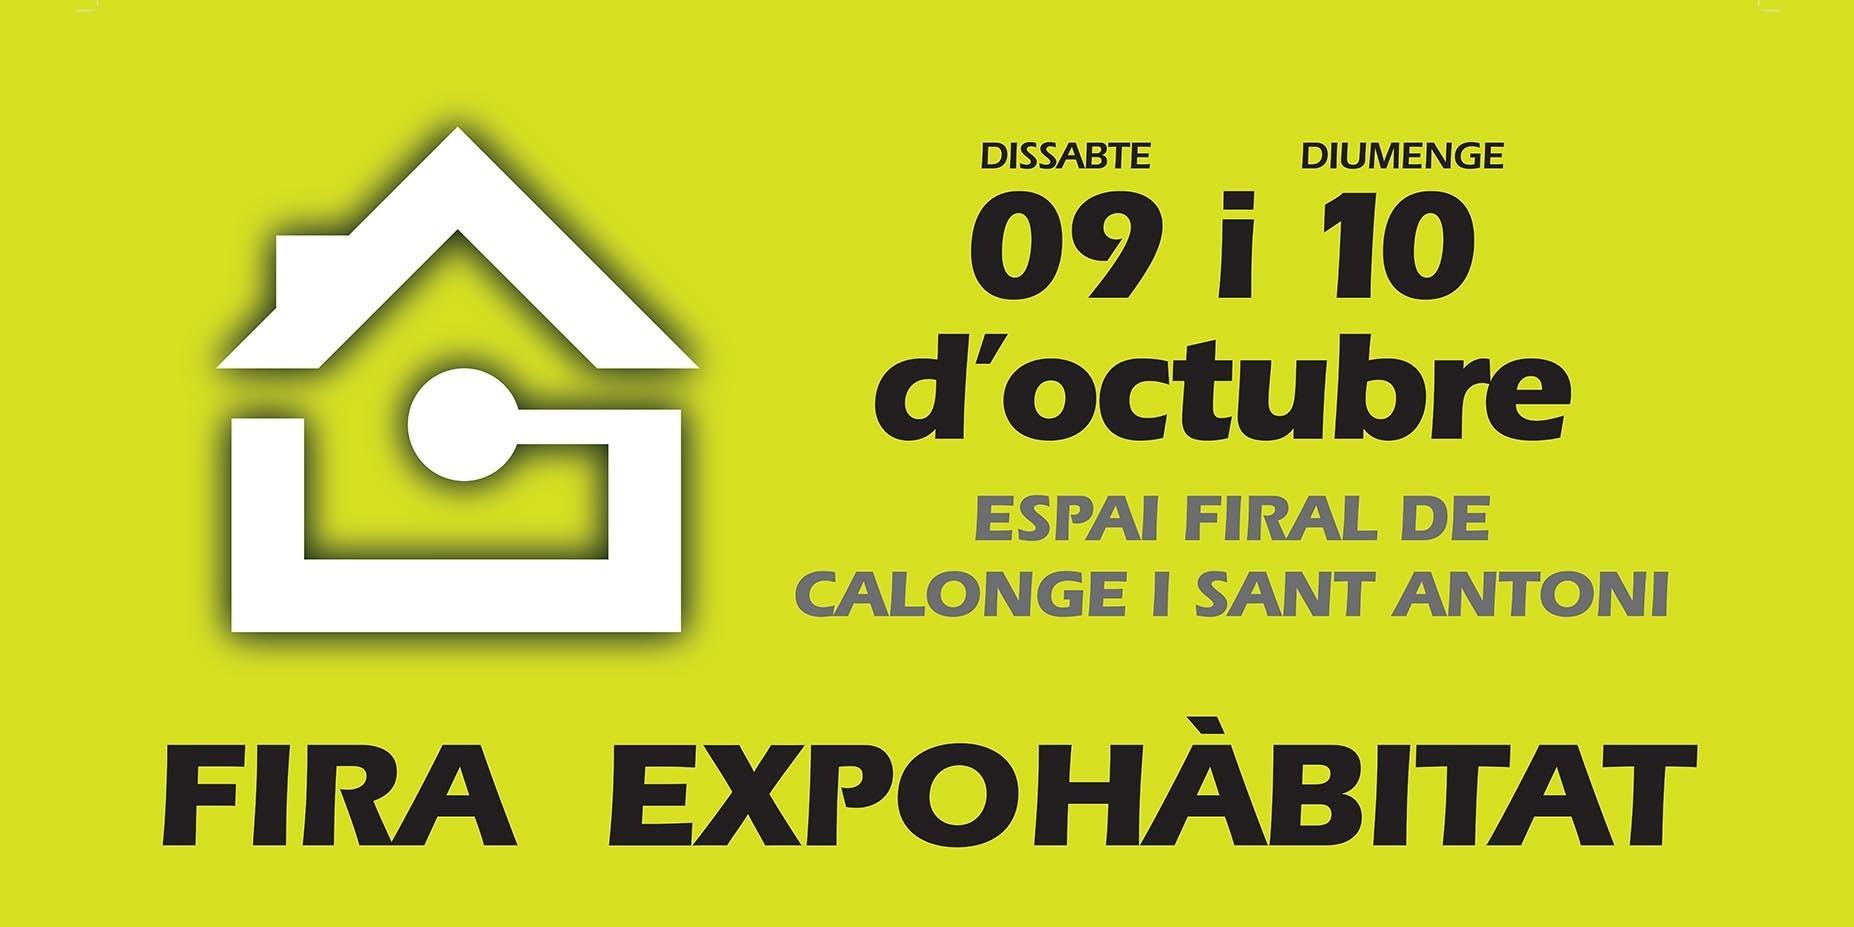 Helena Jornet Finques will be present at Expohàbitat 2021 in Sant Antoni de Calonge